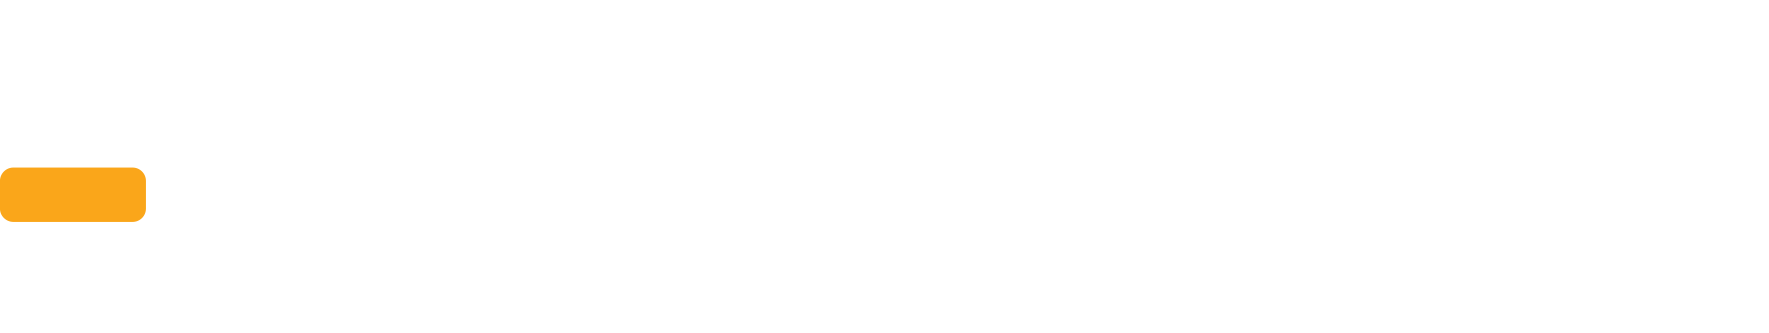 Enstall